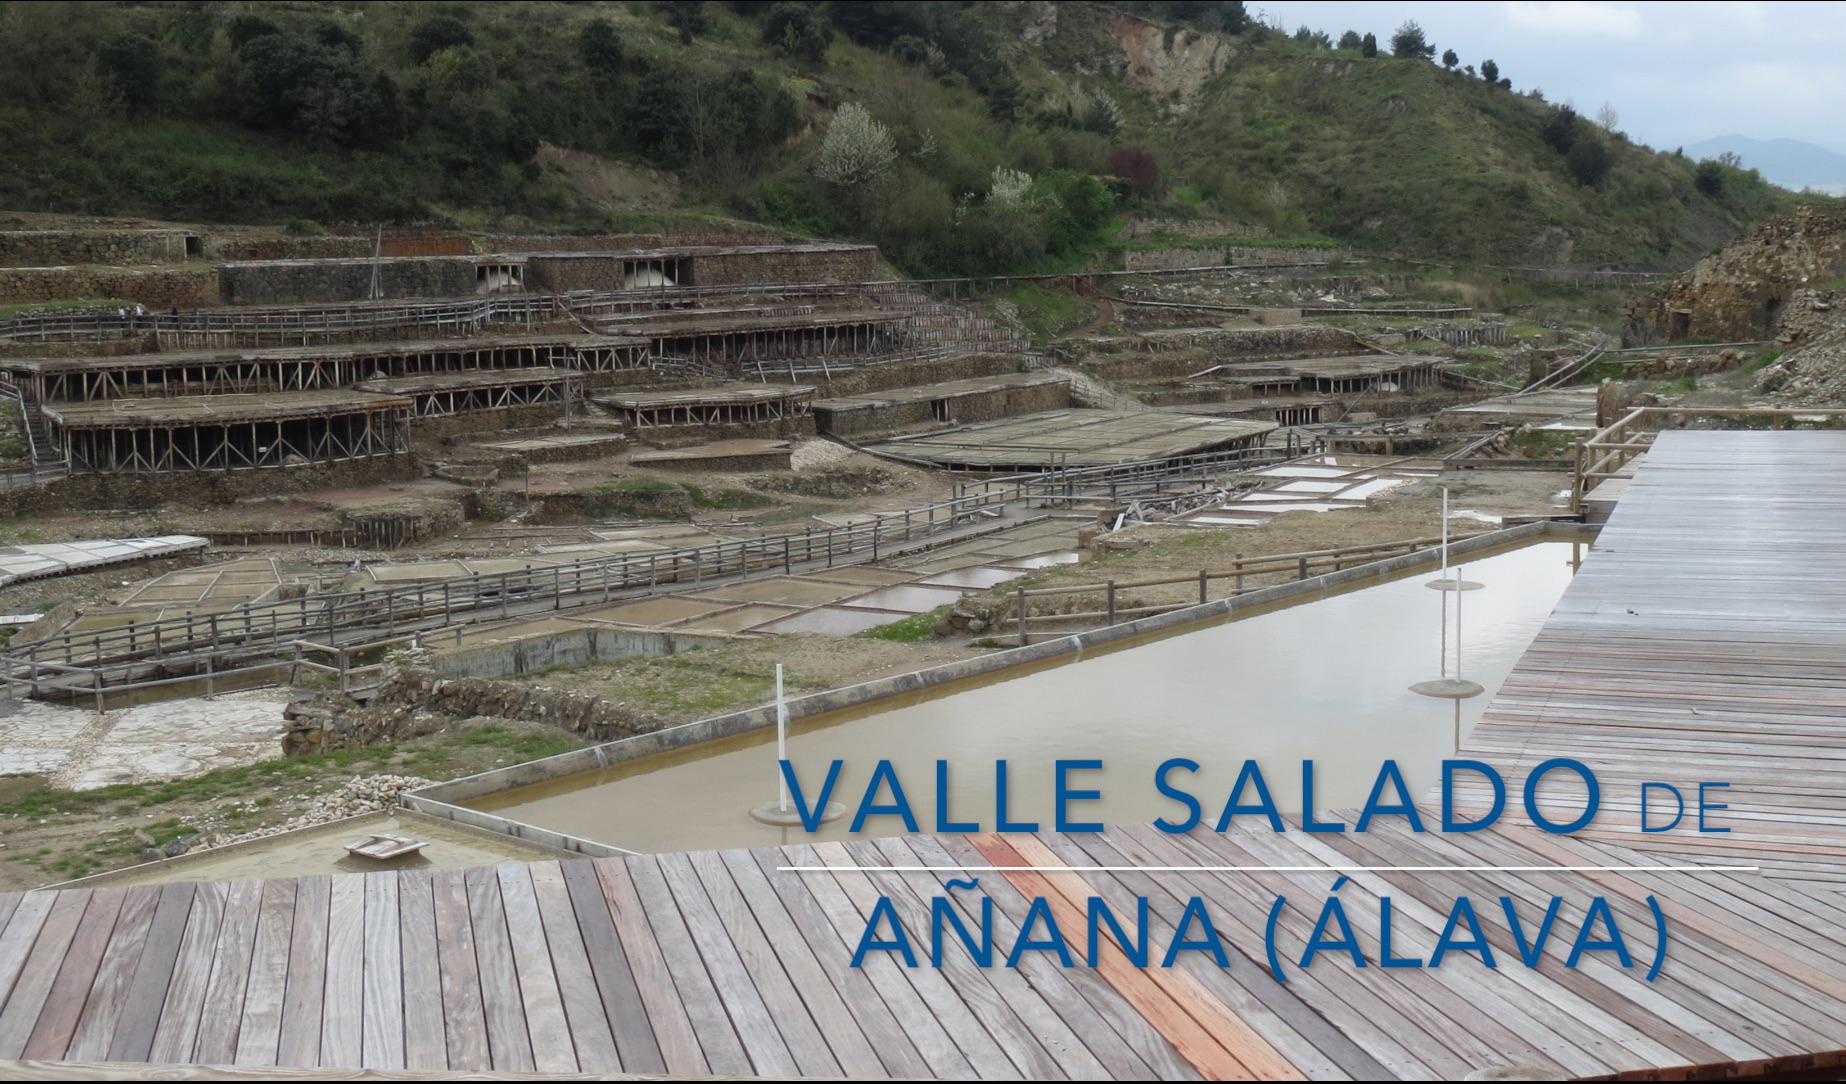 Visita en familia el Valle Salado de Añana